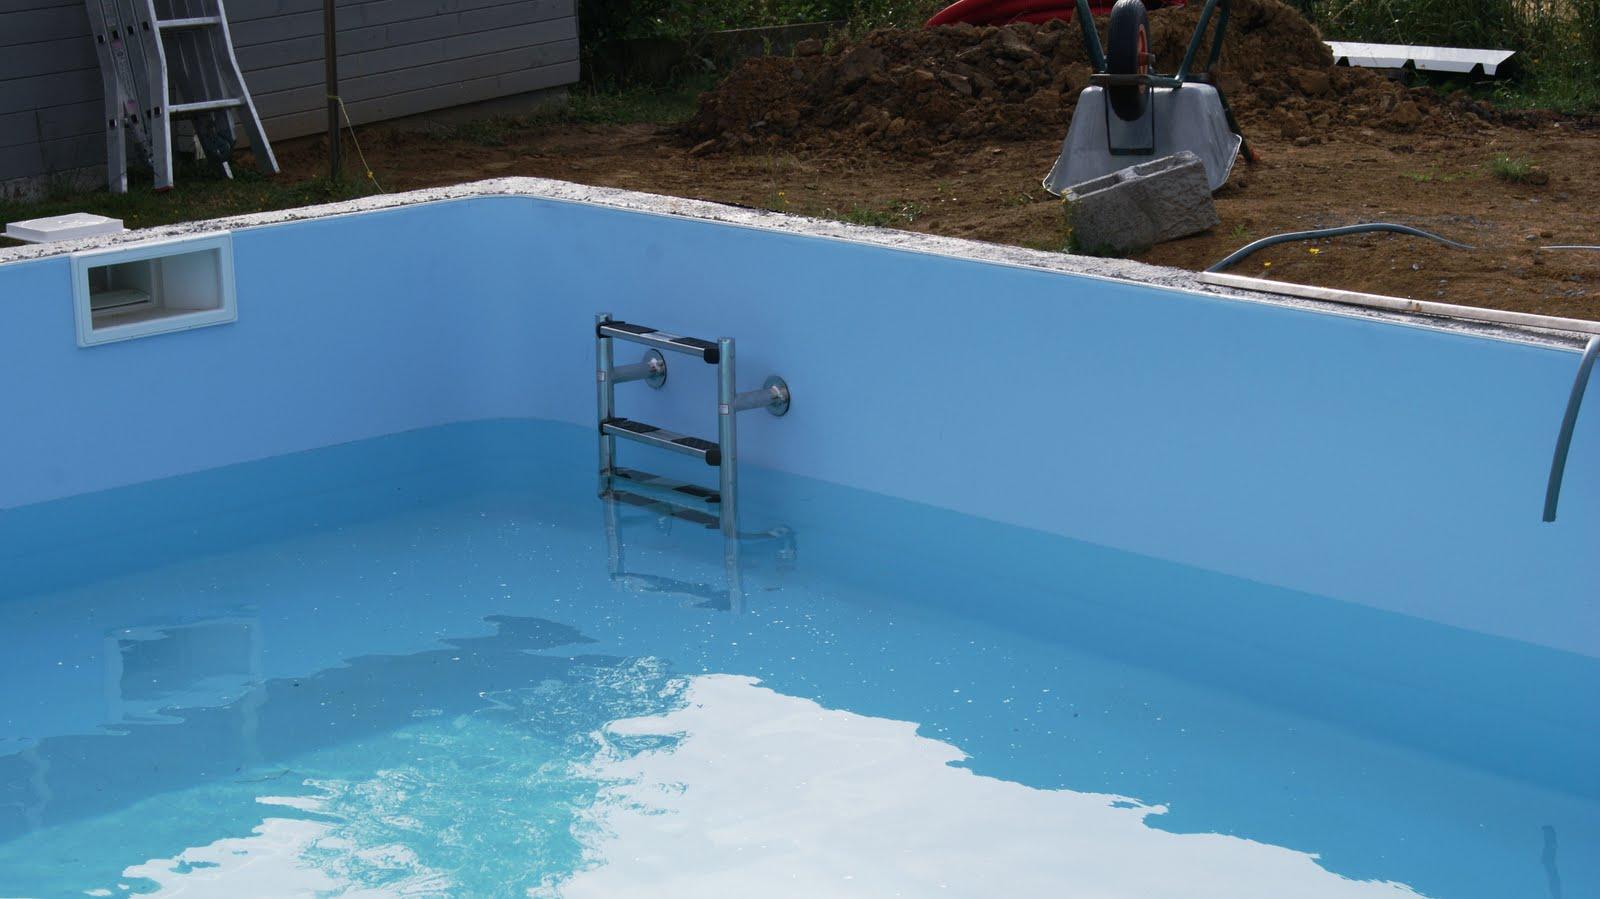 Ma piscine en polystyr ne la pr paration des blocs et le for Piscine mortier tours